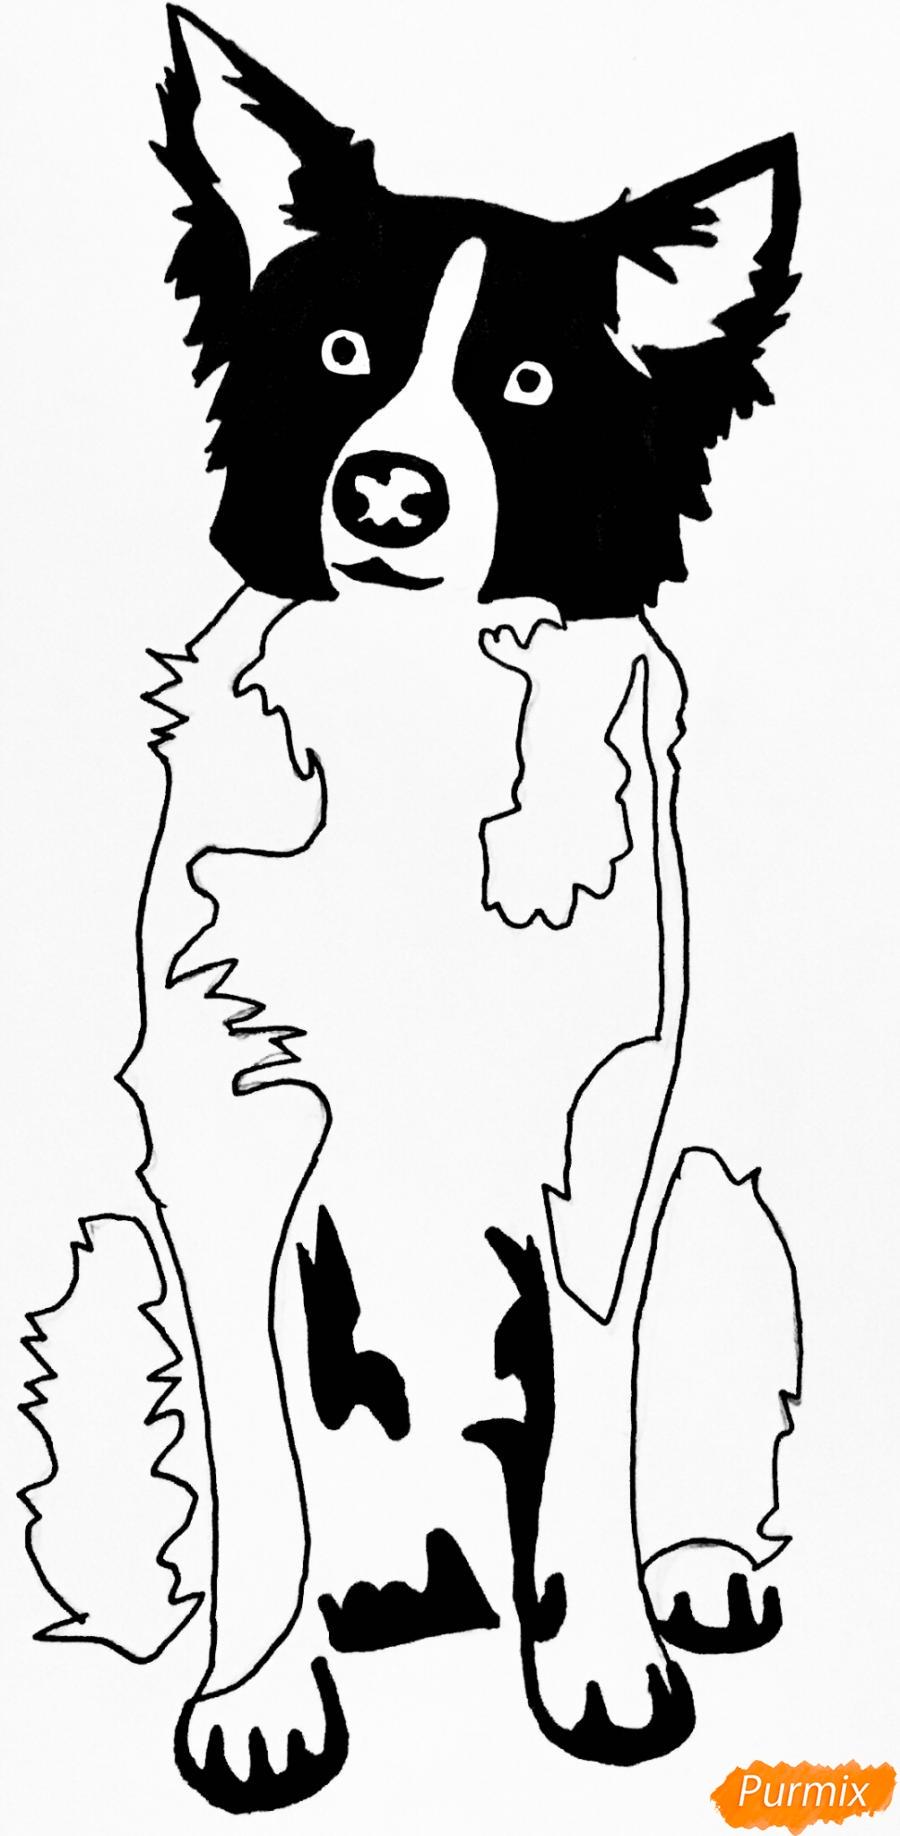 Рисуем тату собаку - фото 9